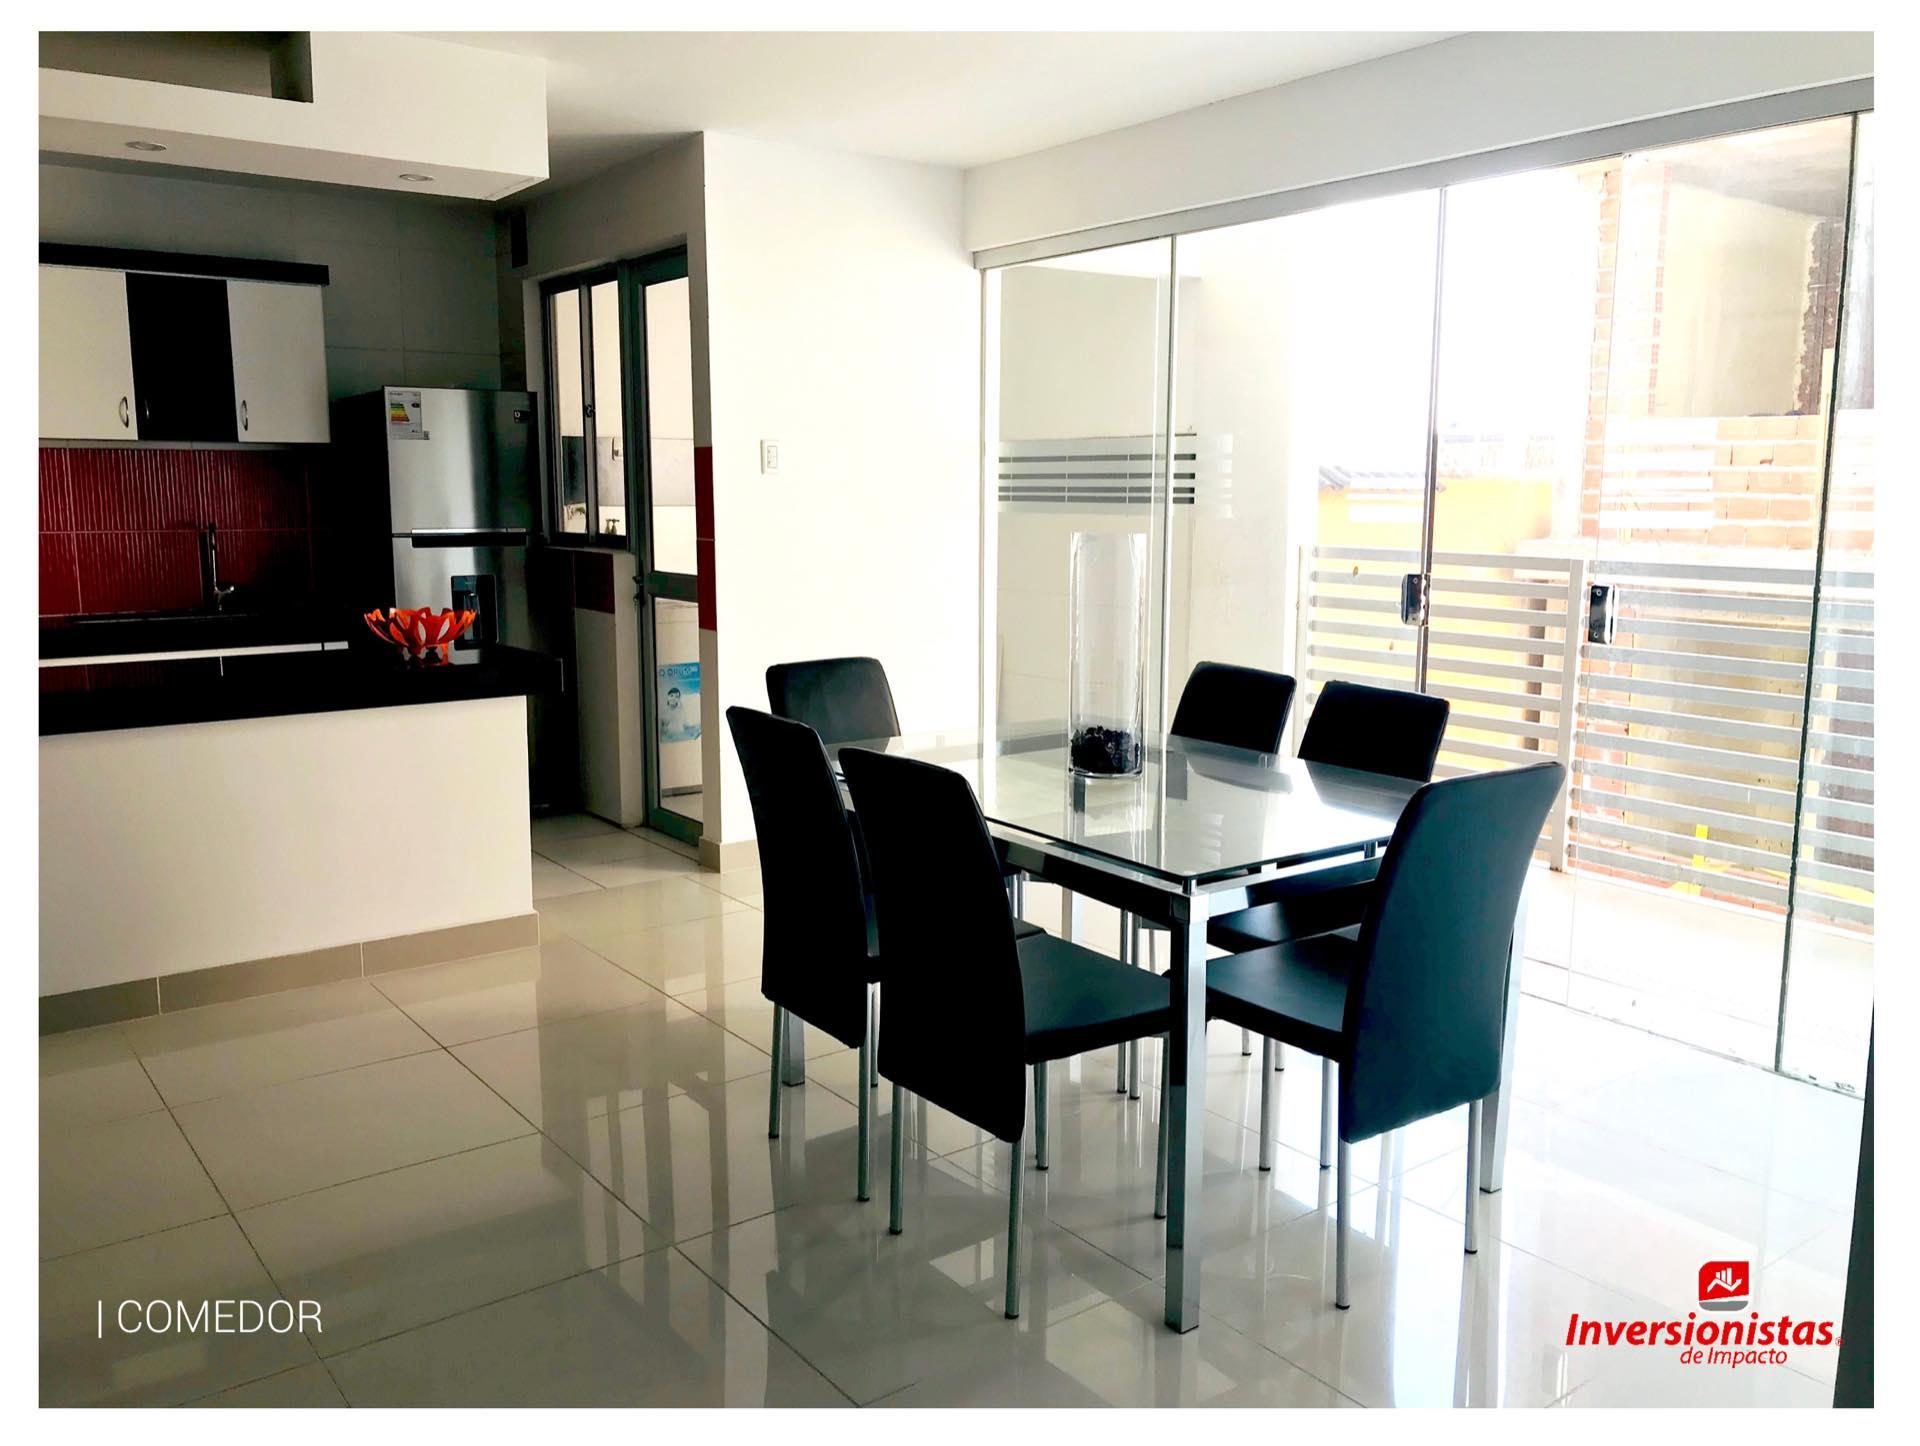 Departamento en Alquiler Condominio TORRE DELTA, EQUIPETROL, ubicación estratégica. Foto 4